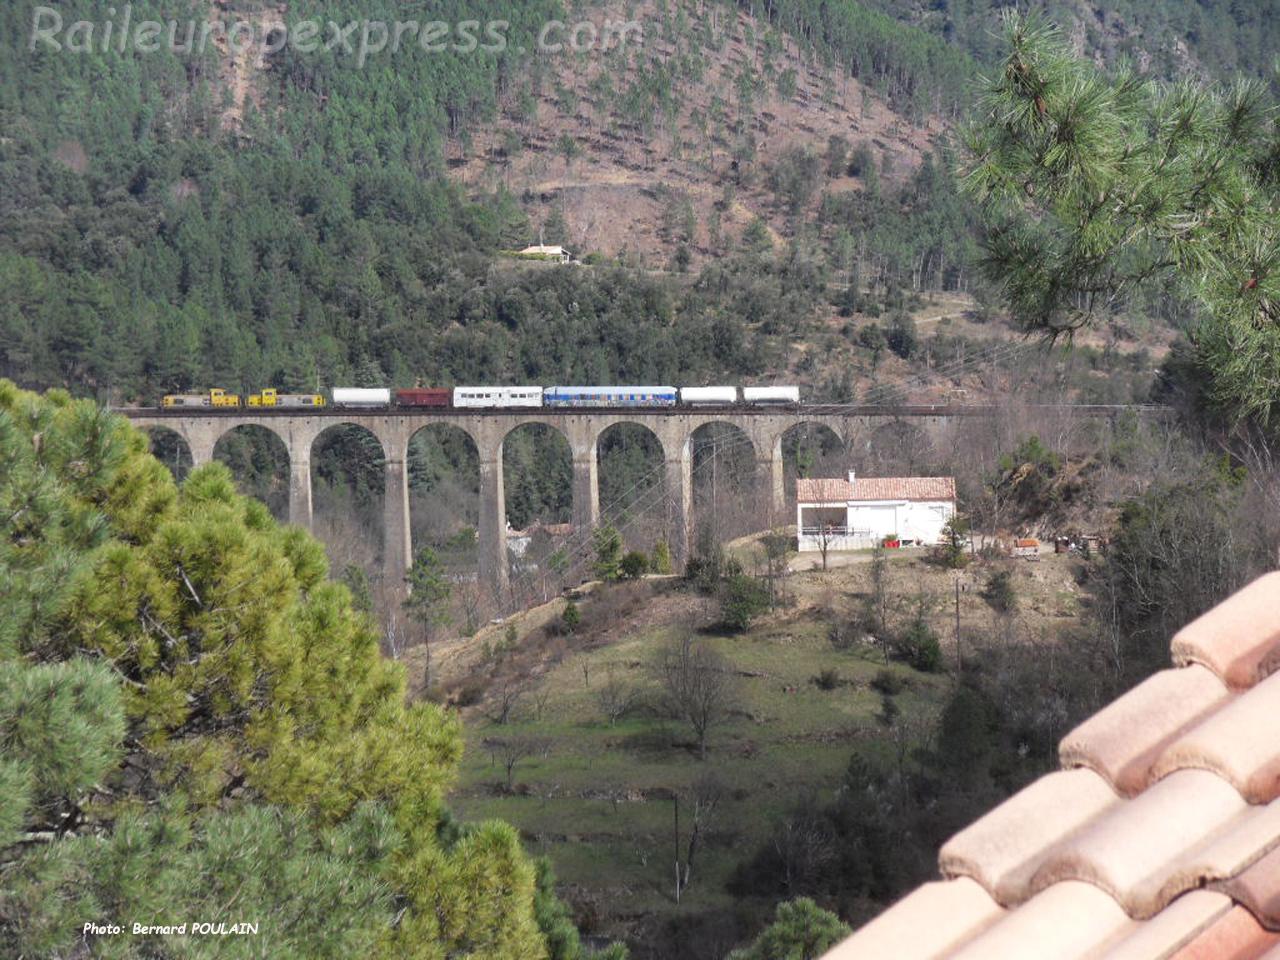 Train désherbeur SNCF à Chamborigaud (F-30)